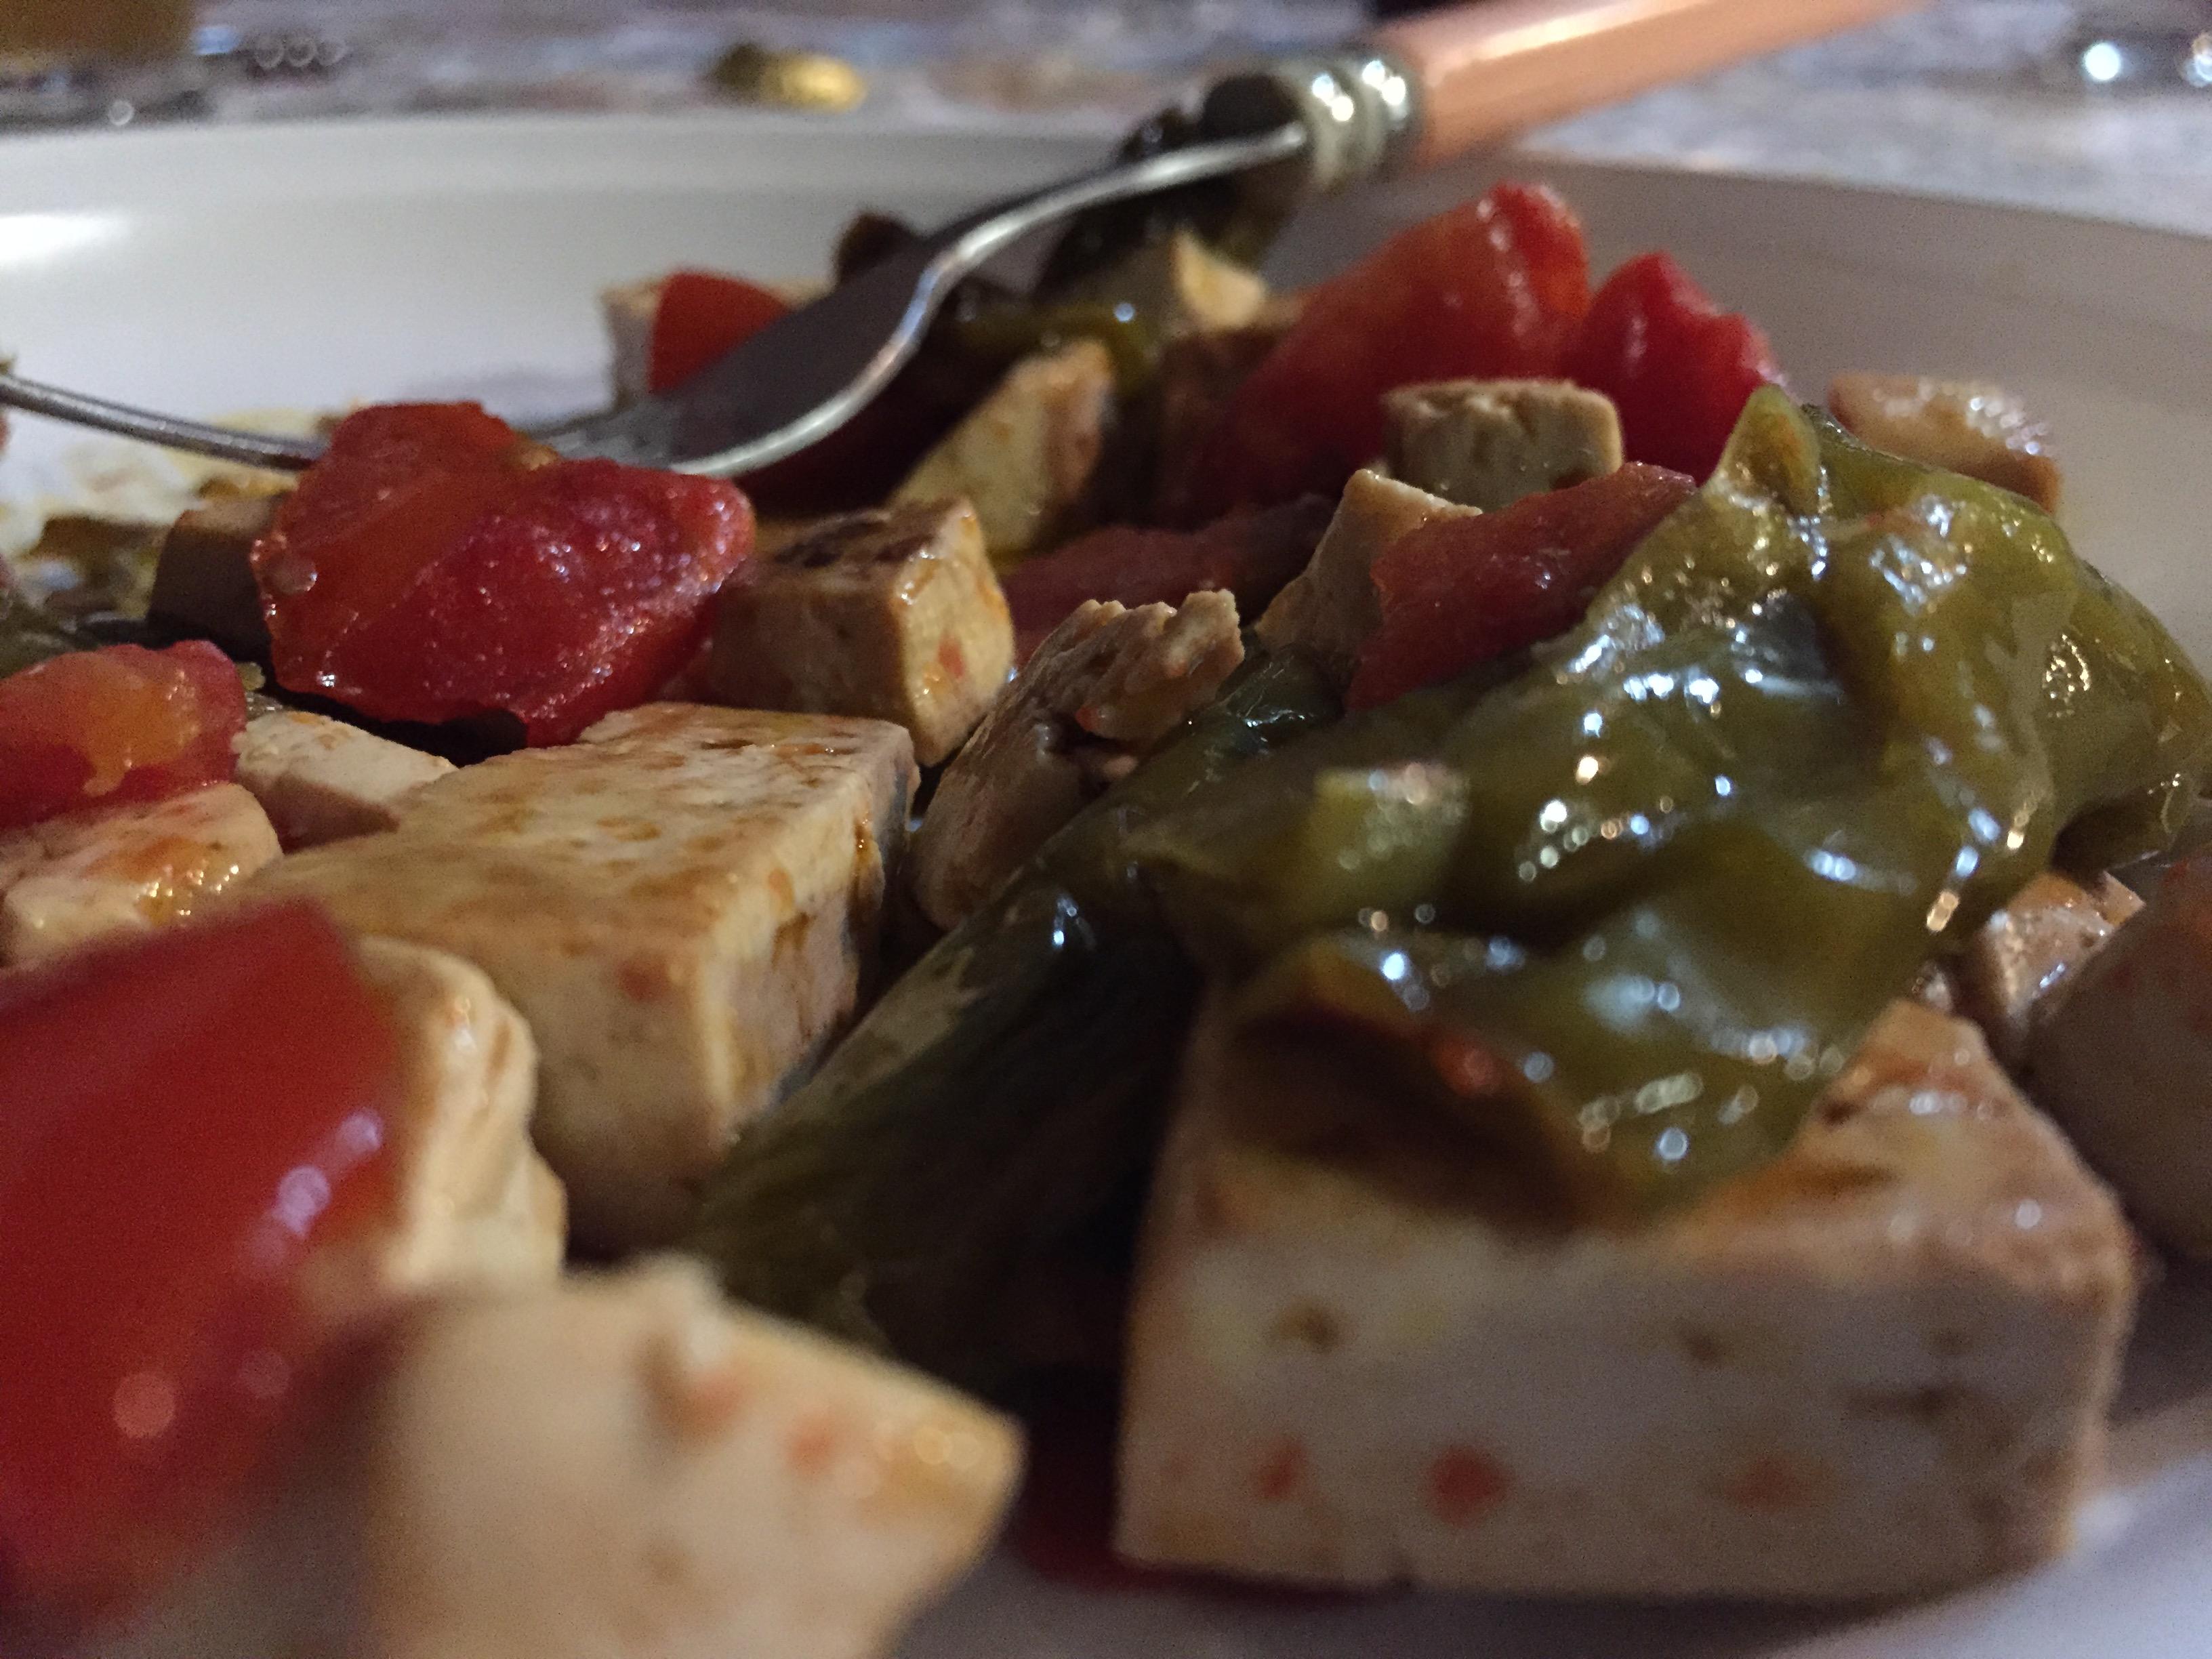 Ricetta tofu e friggitelli ricetta di patata bollente - Cucinare il tofu ...